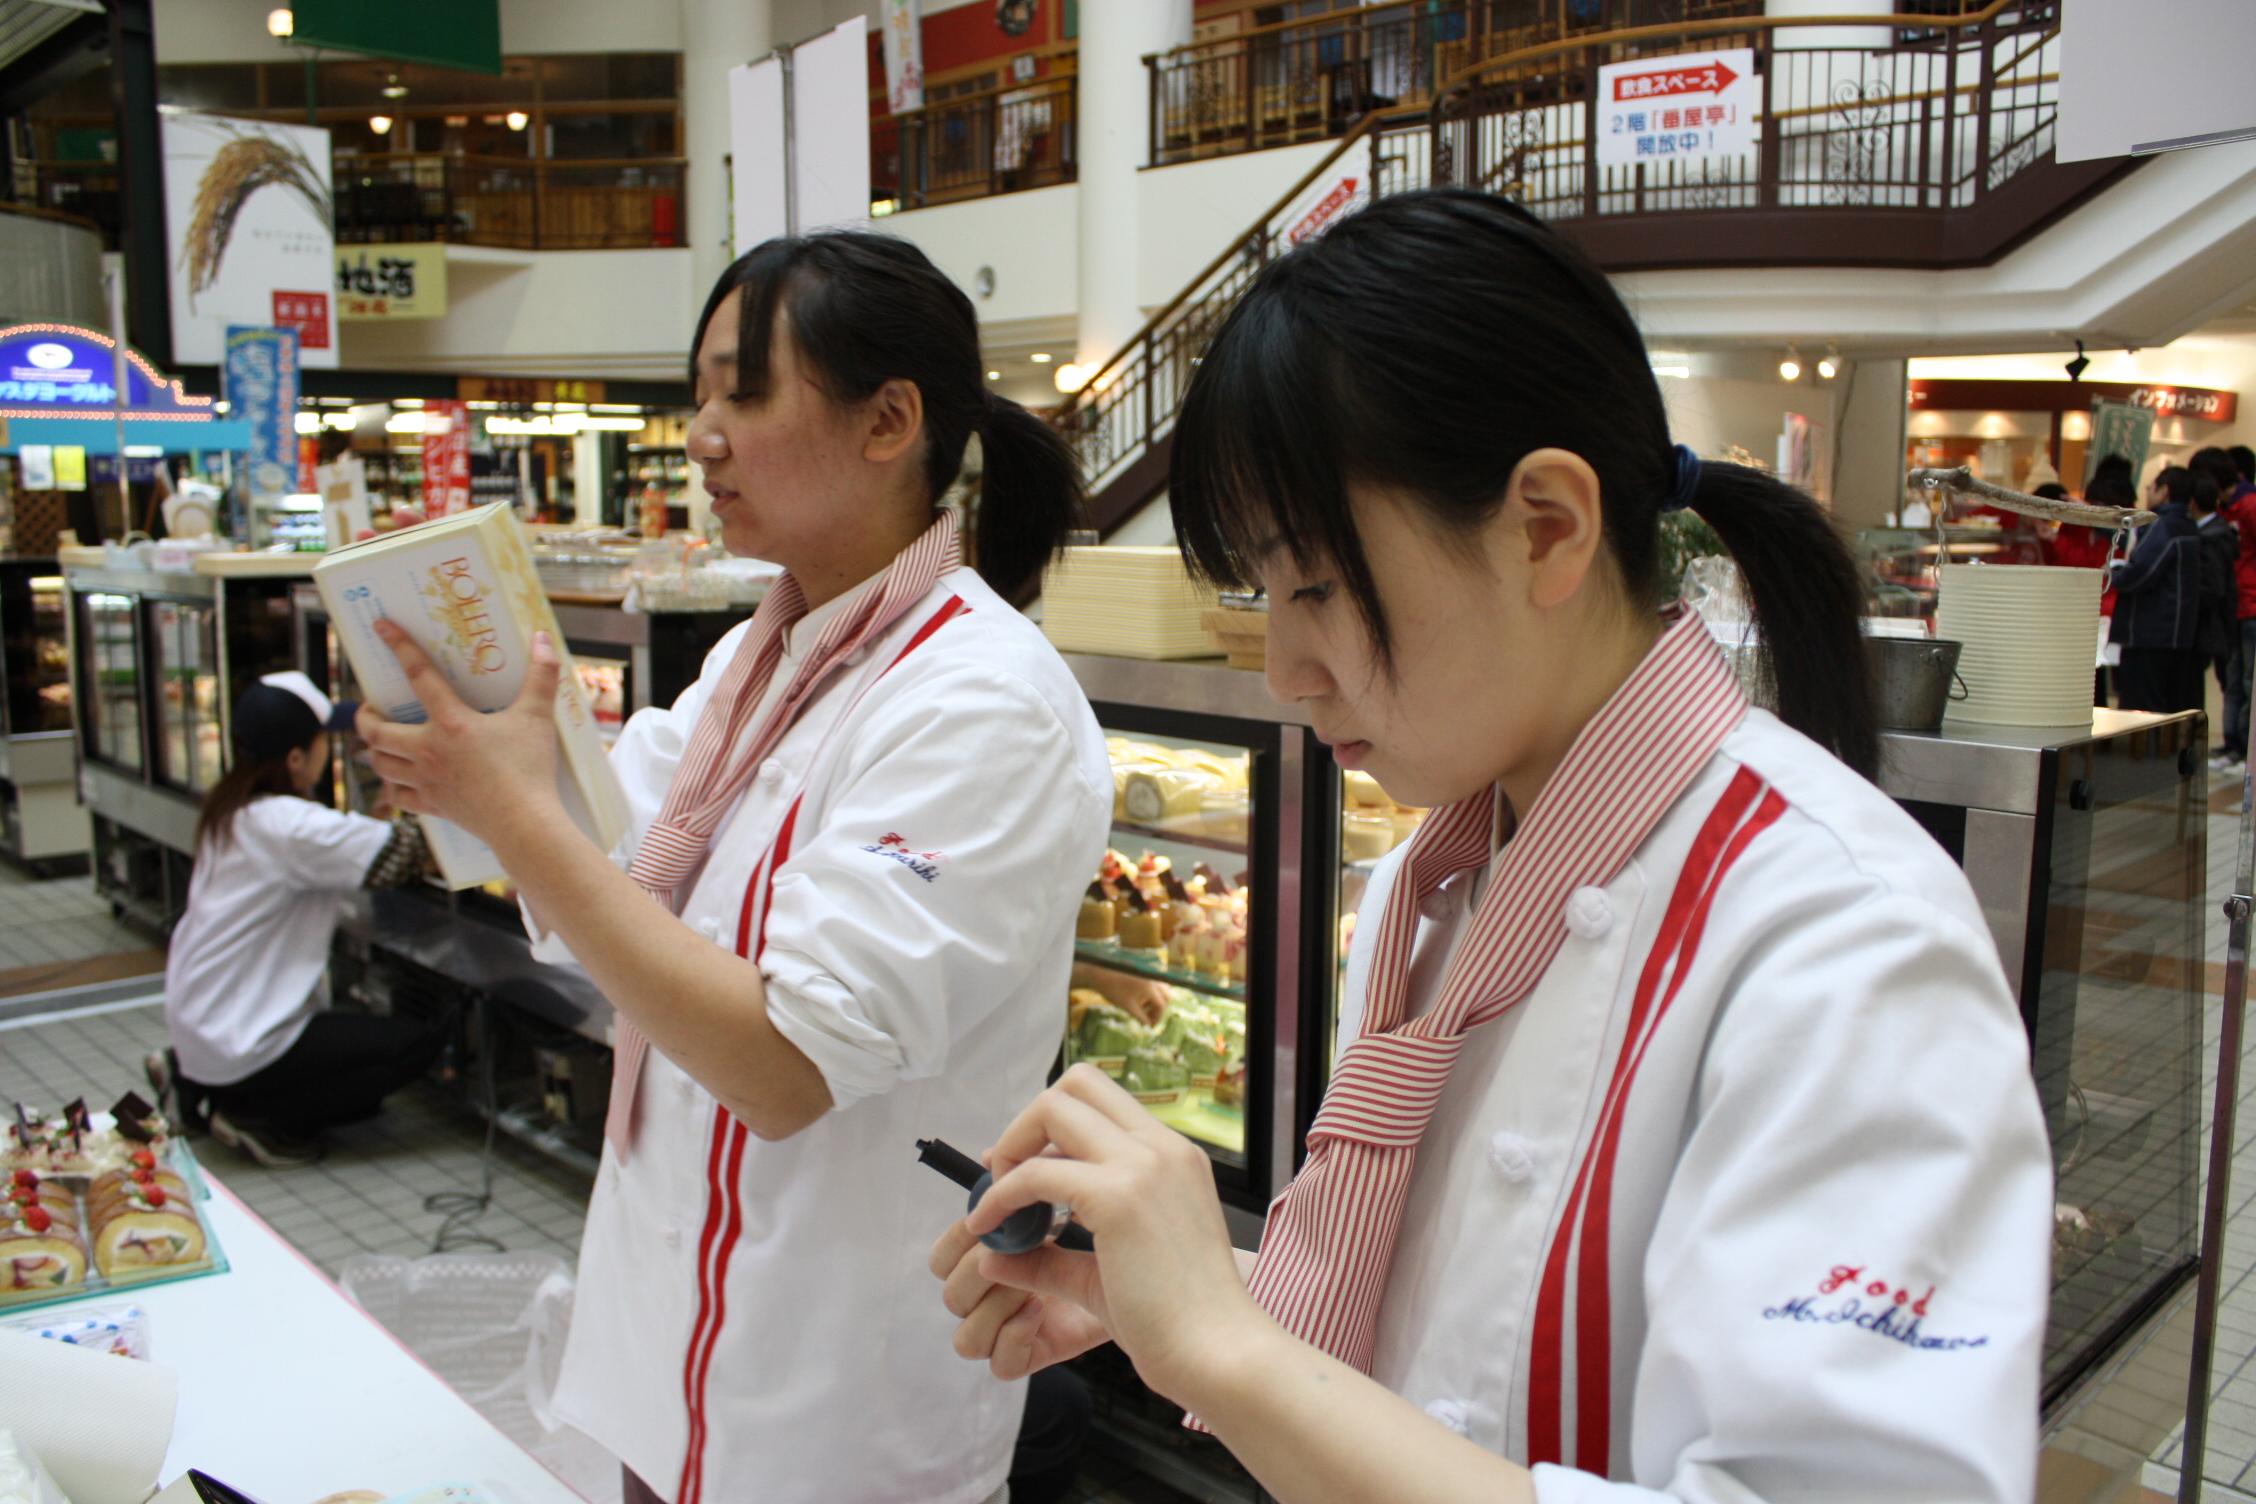 新潟の名店が勢ぞろい!!朝8時半!!お店にシェフやスタッフのもと、しっかり準備中です!!開店前です。